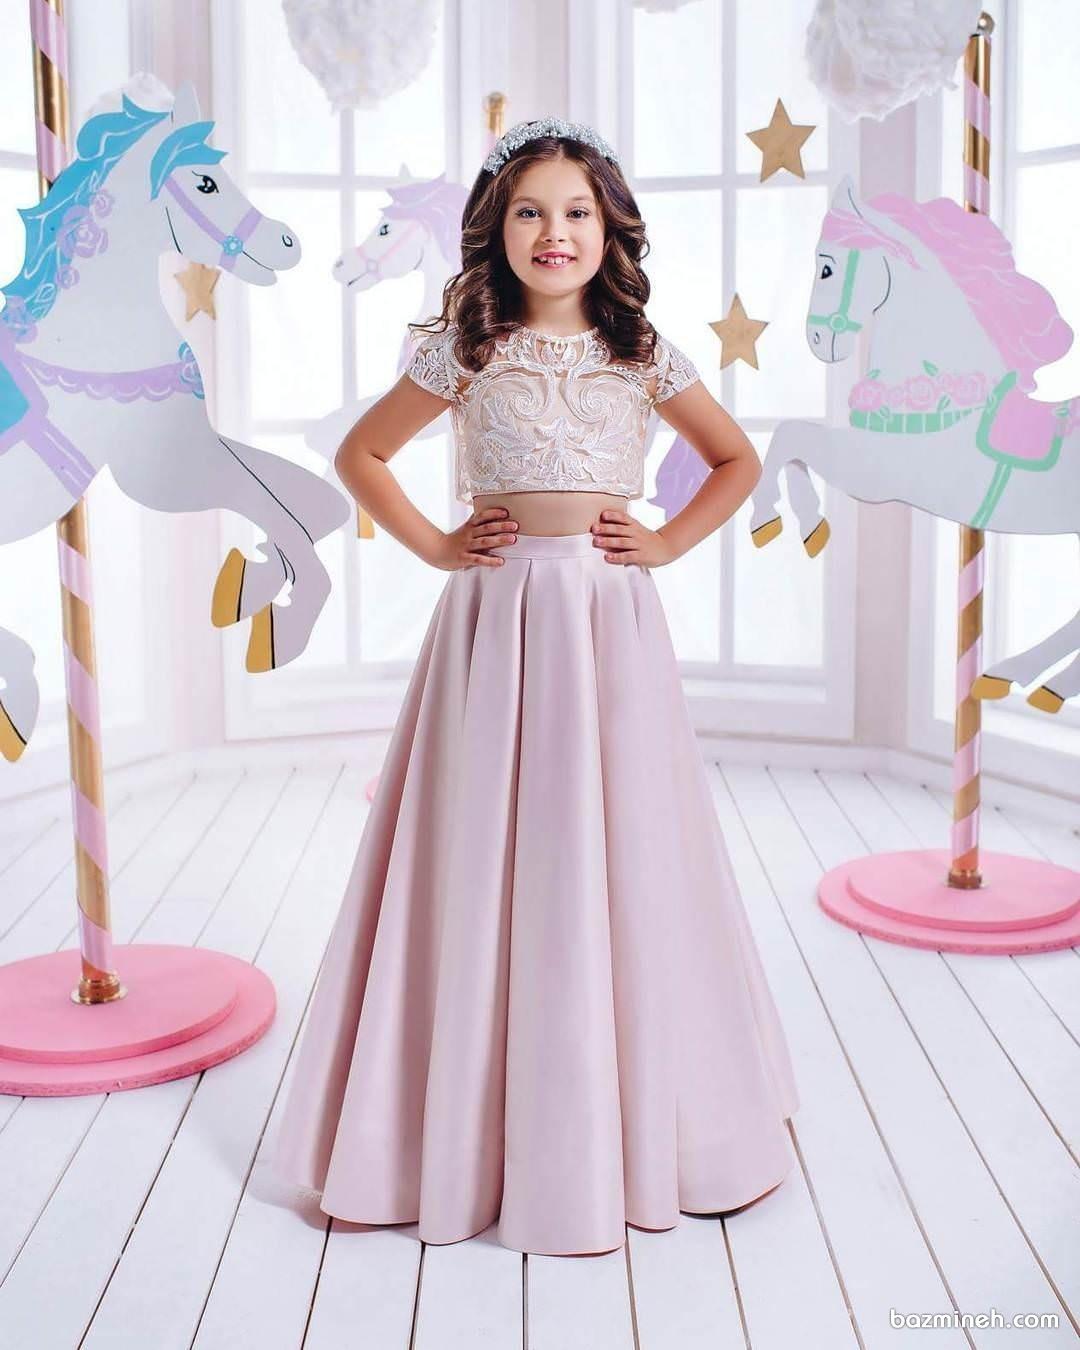 لباس مجلسی ماکسی دخترانه به رنگ صورتی کم رنگ مناسب برای جشن تولد خانم کوچولوها